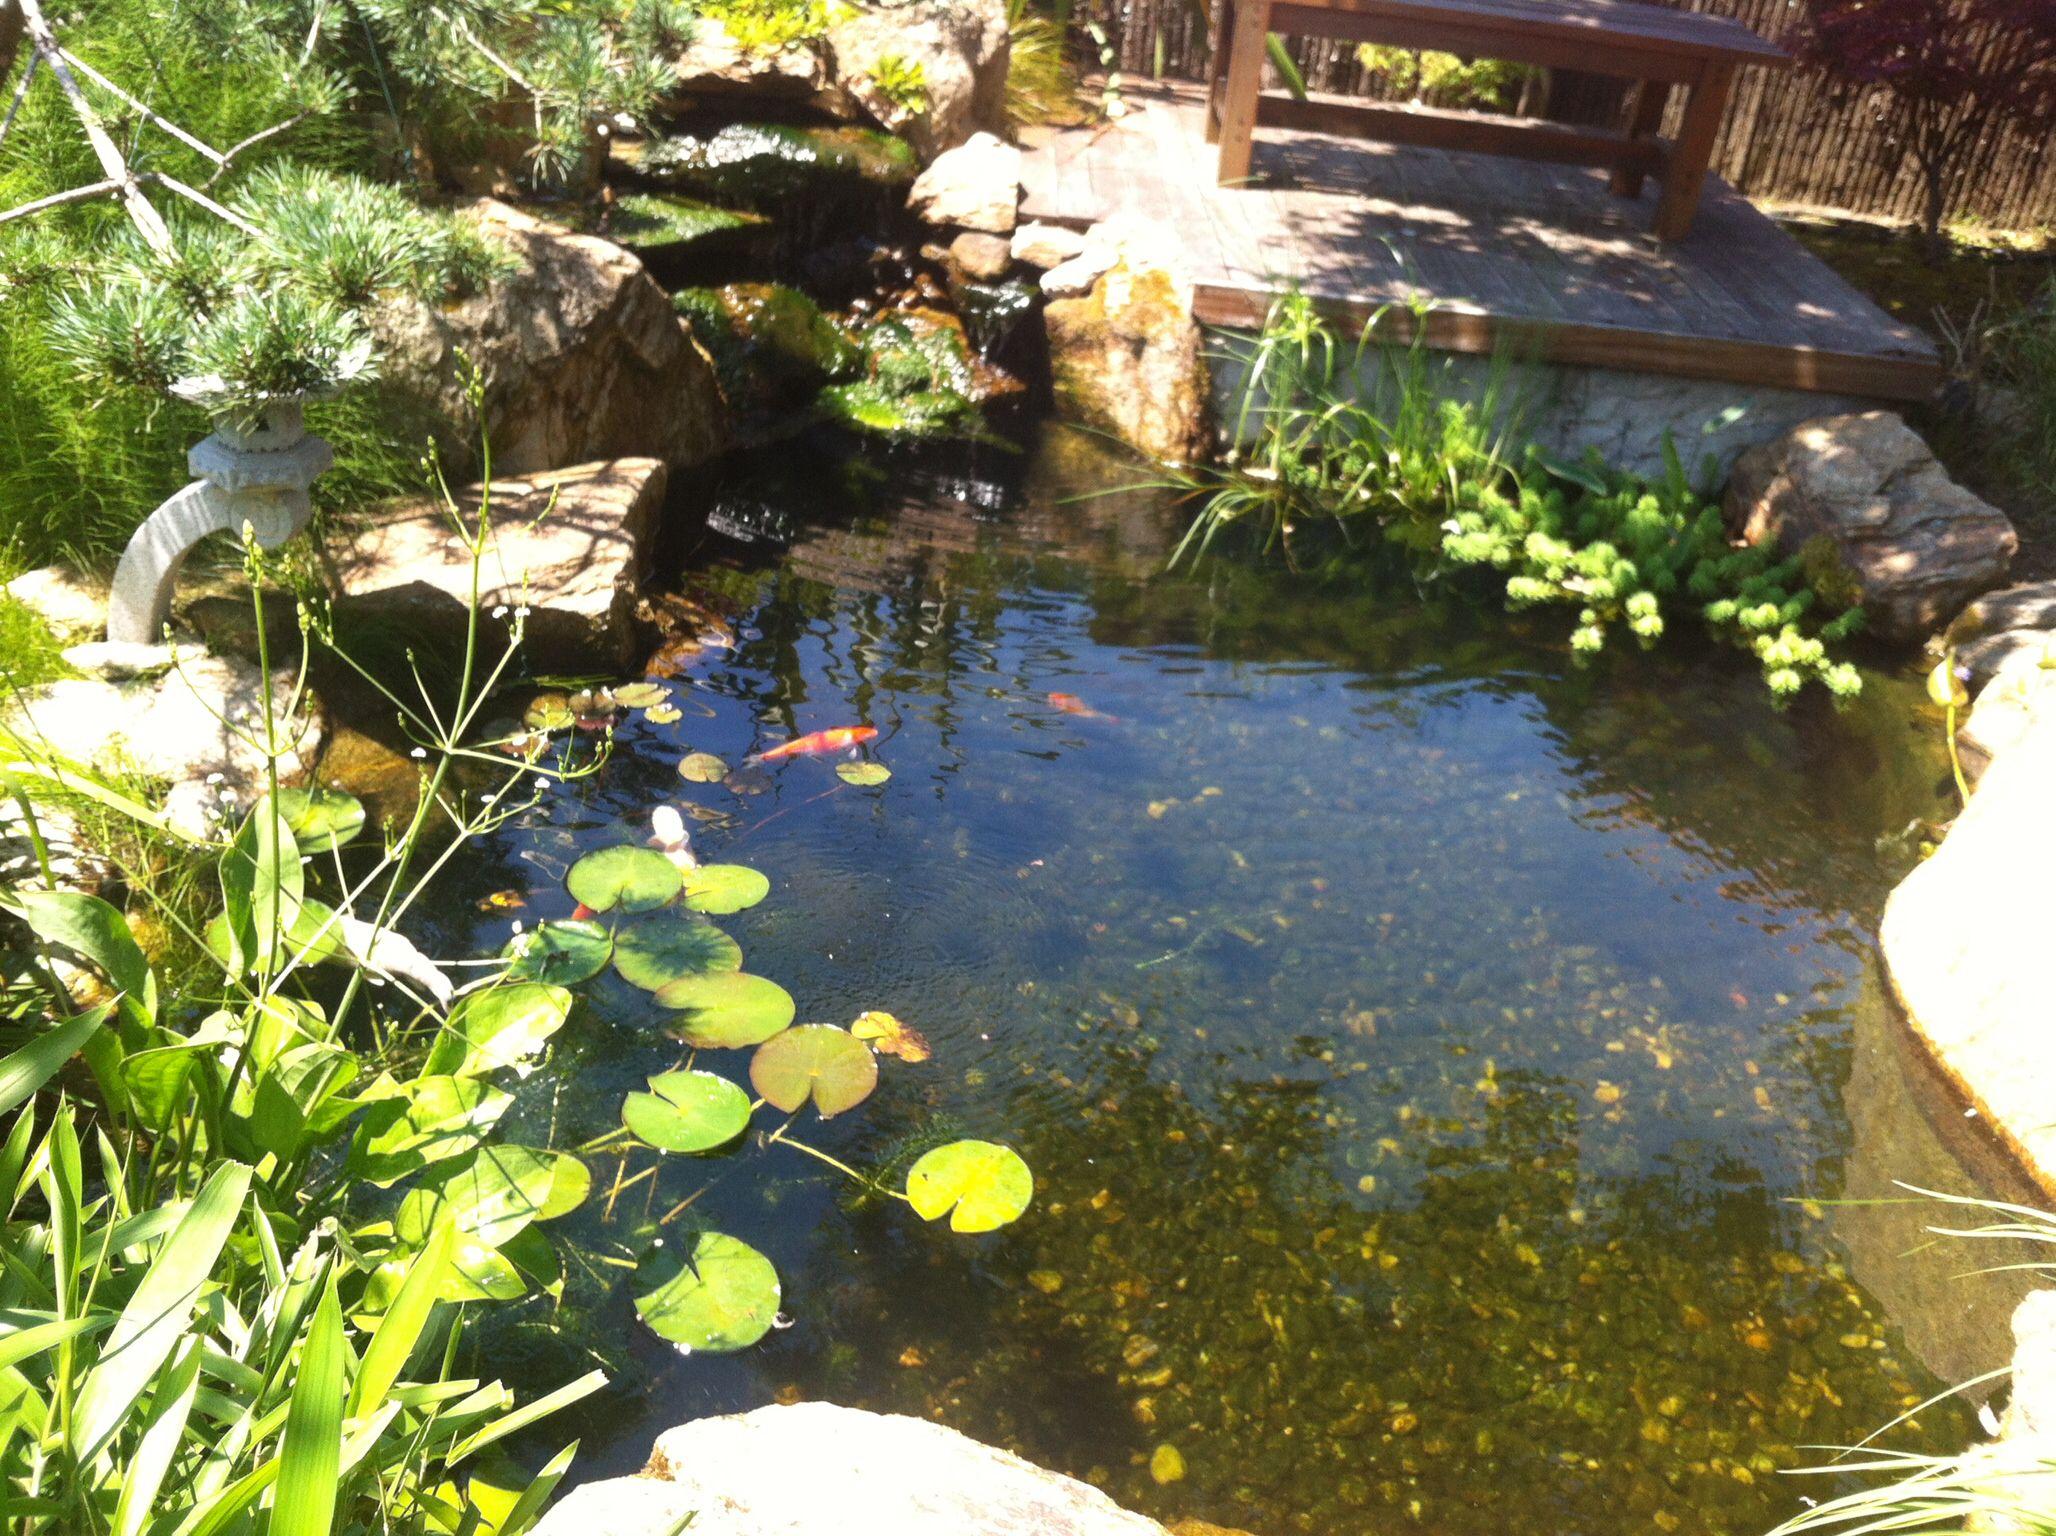 Koi pond kois at sun bathing d my japanese garden pics for My koi pond